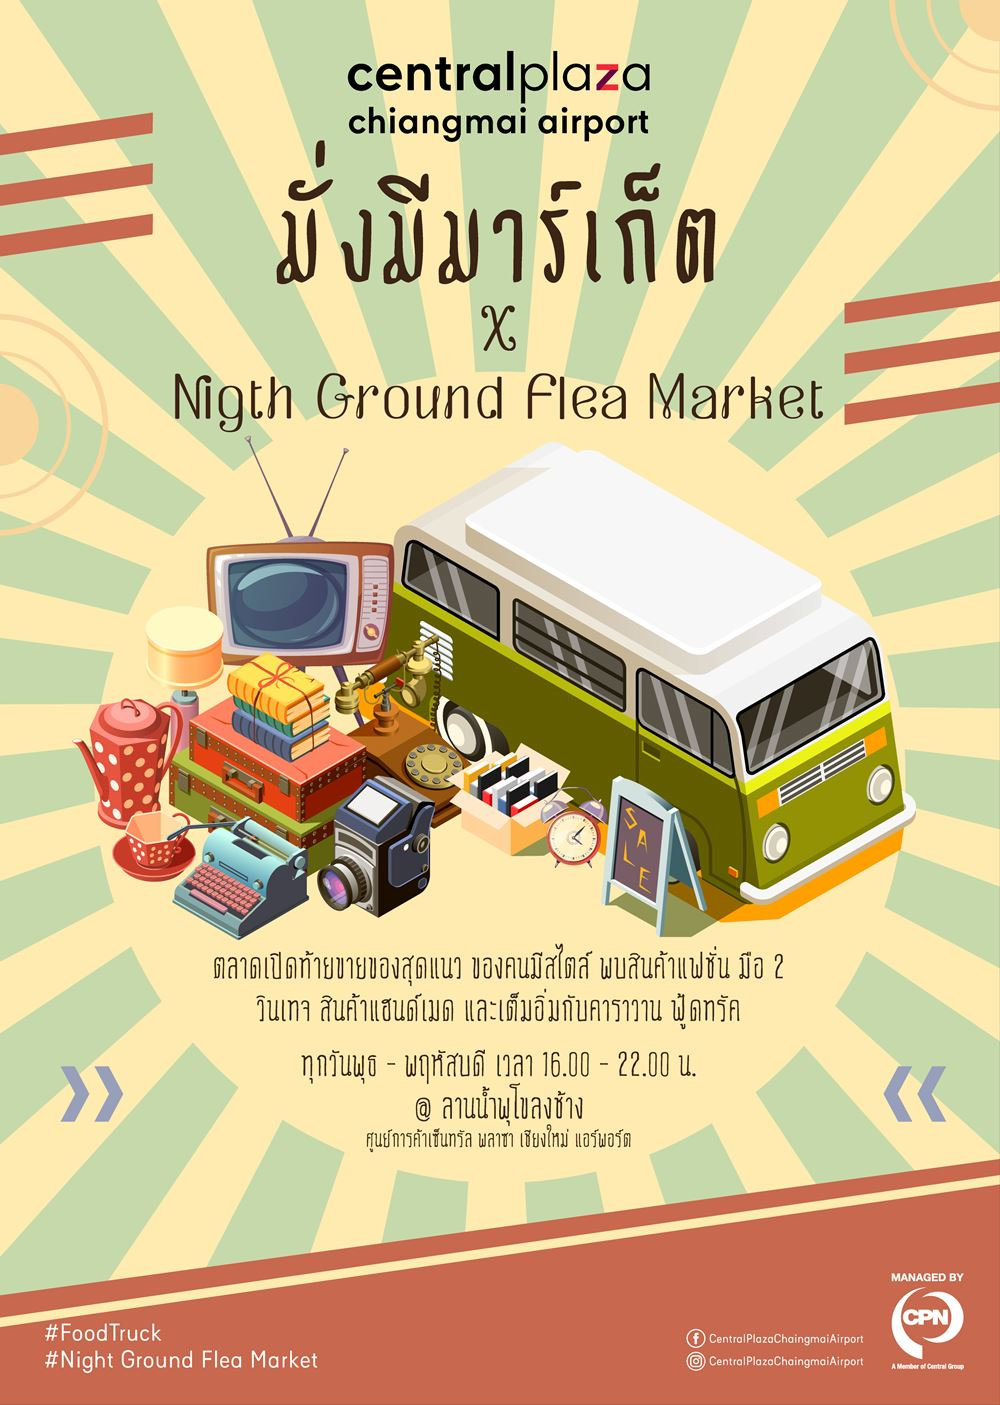 มั่ง มี มาร์เก็ต X Night Ground Flea Market